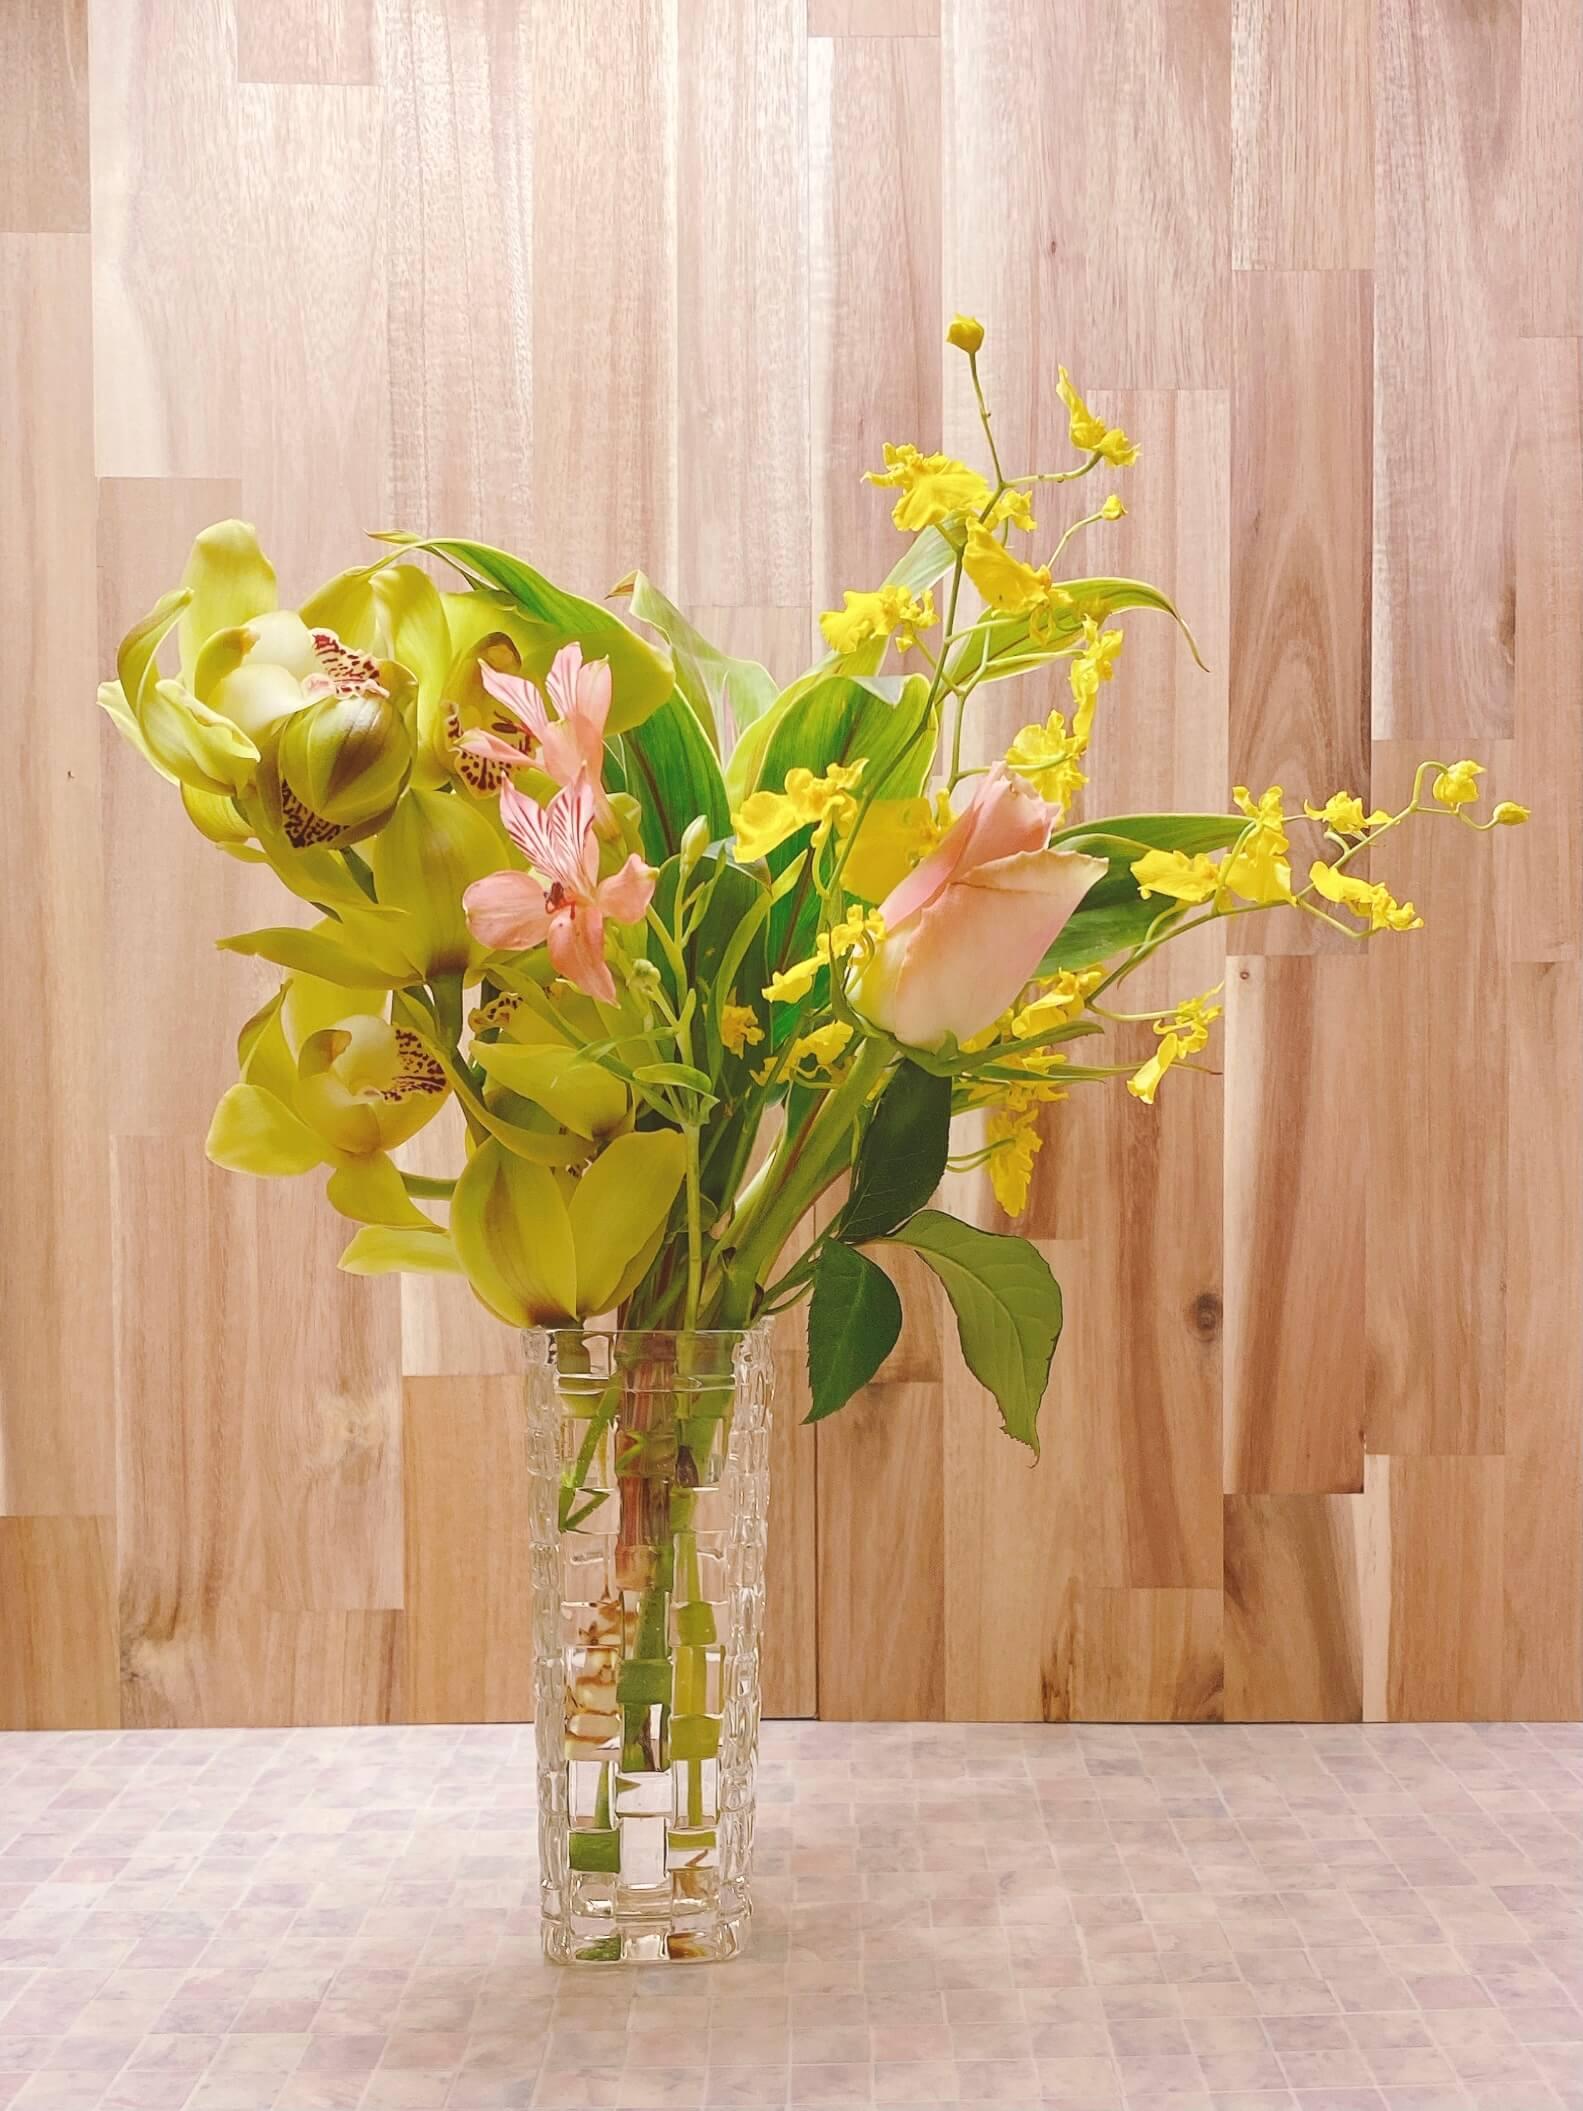 ブルーミーリッチプランで届いたお花を生けた様子